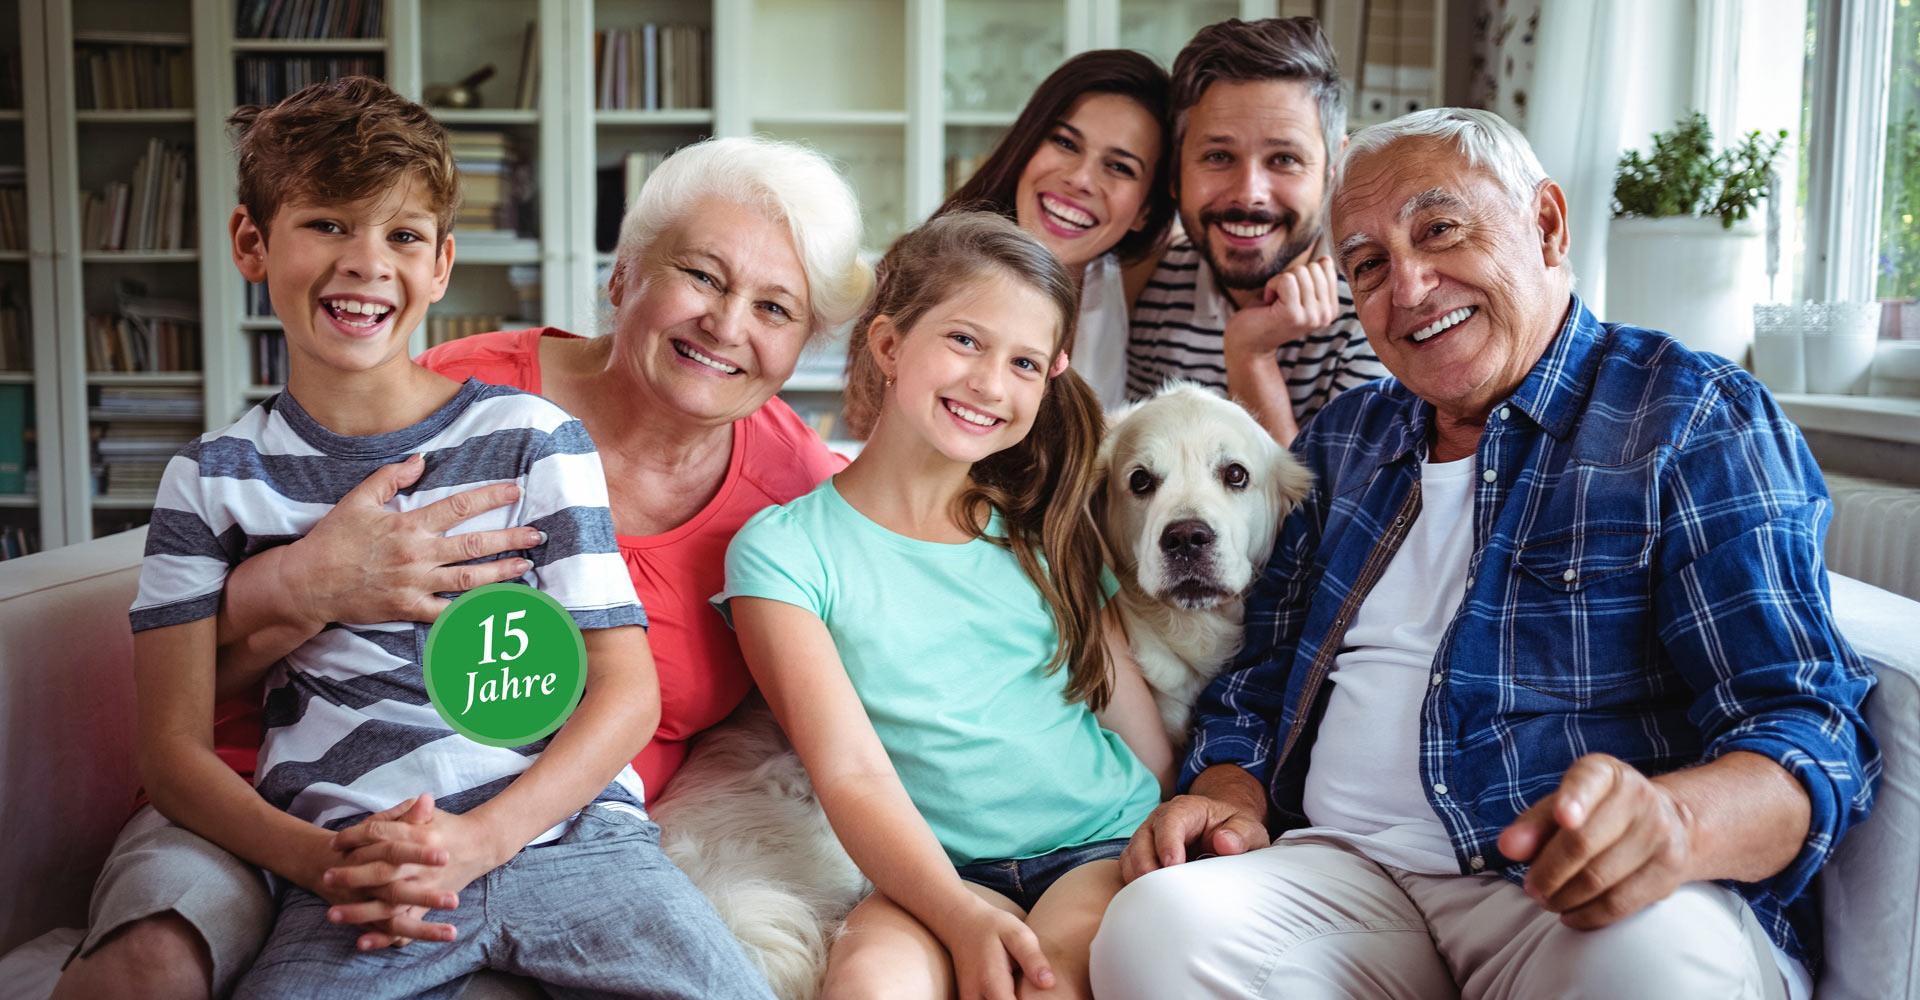 Hauswirtschaft für die ganze Familie, Senioren und Singles seit 15 Jahren